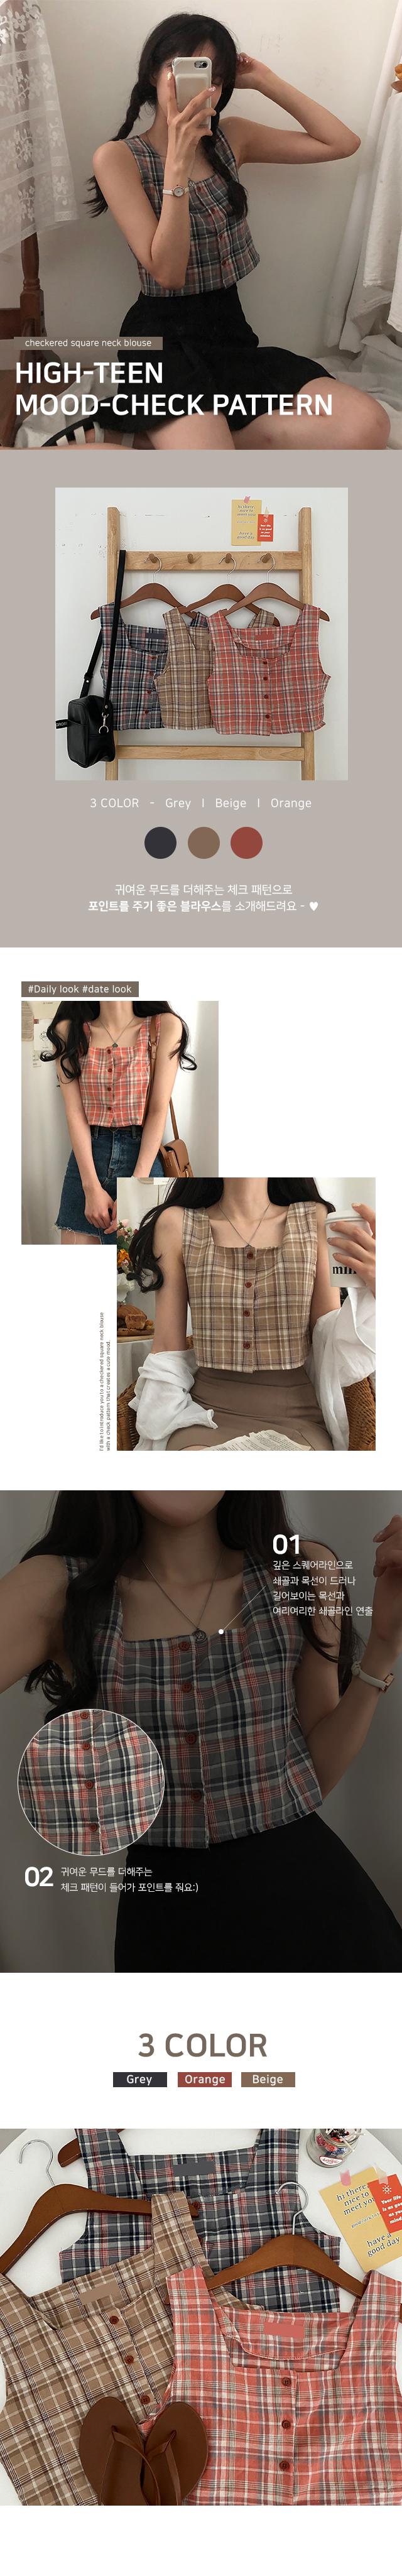 Roche checked square-neck blouse